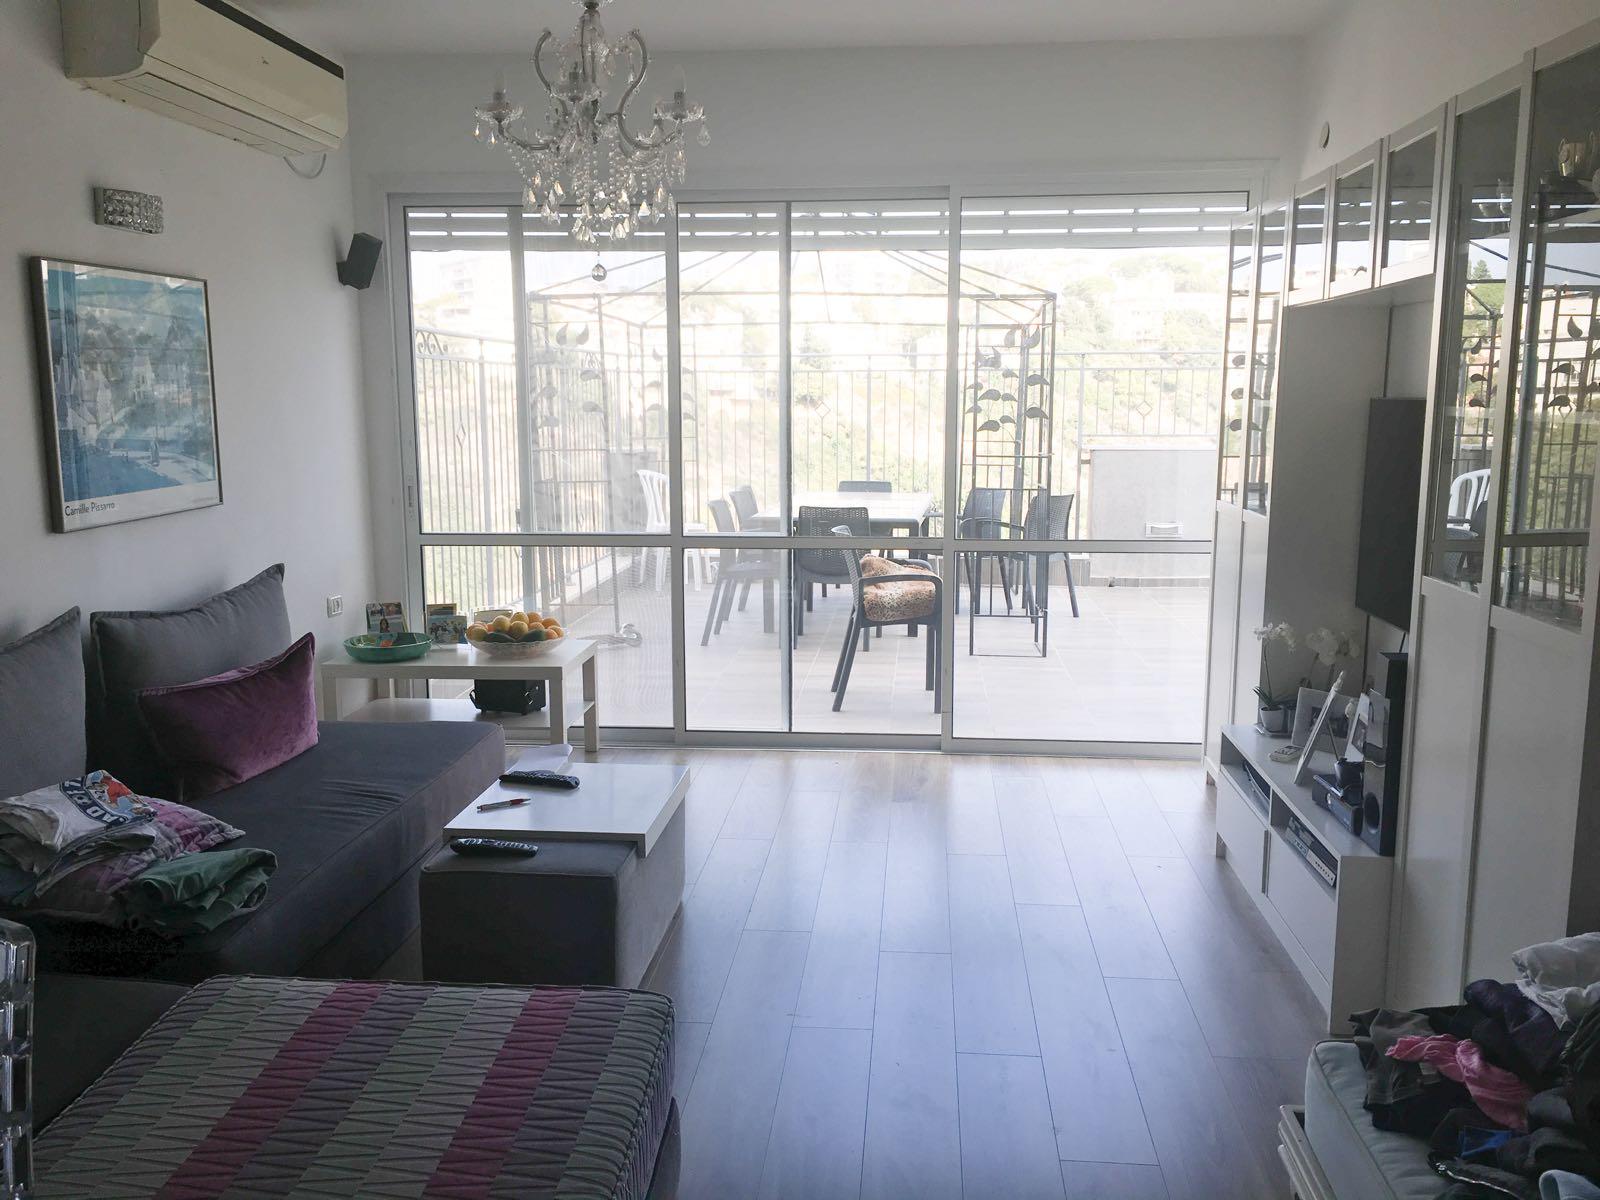 דירת 4.5 חד' למכירה בחיפה